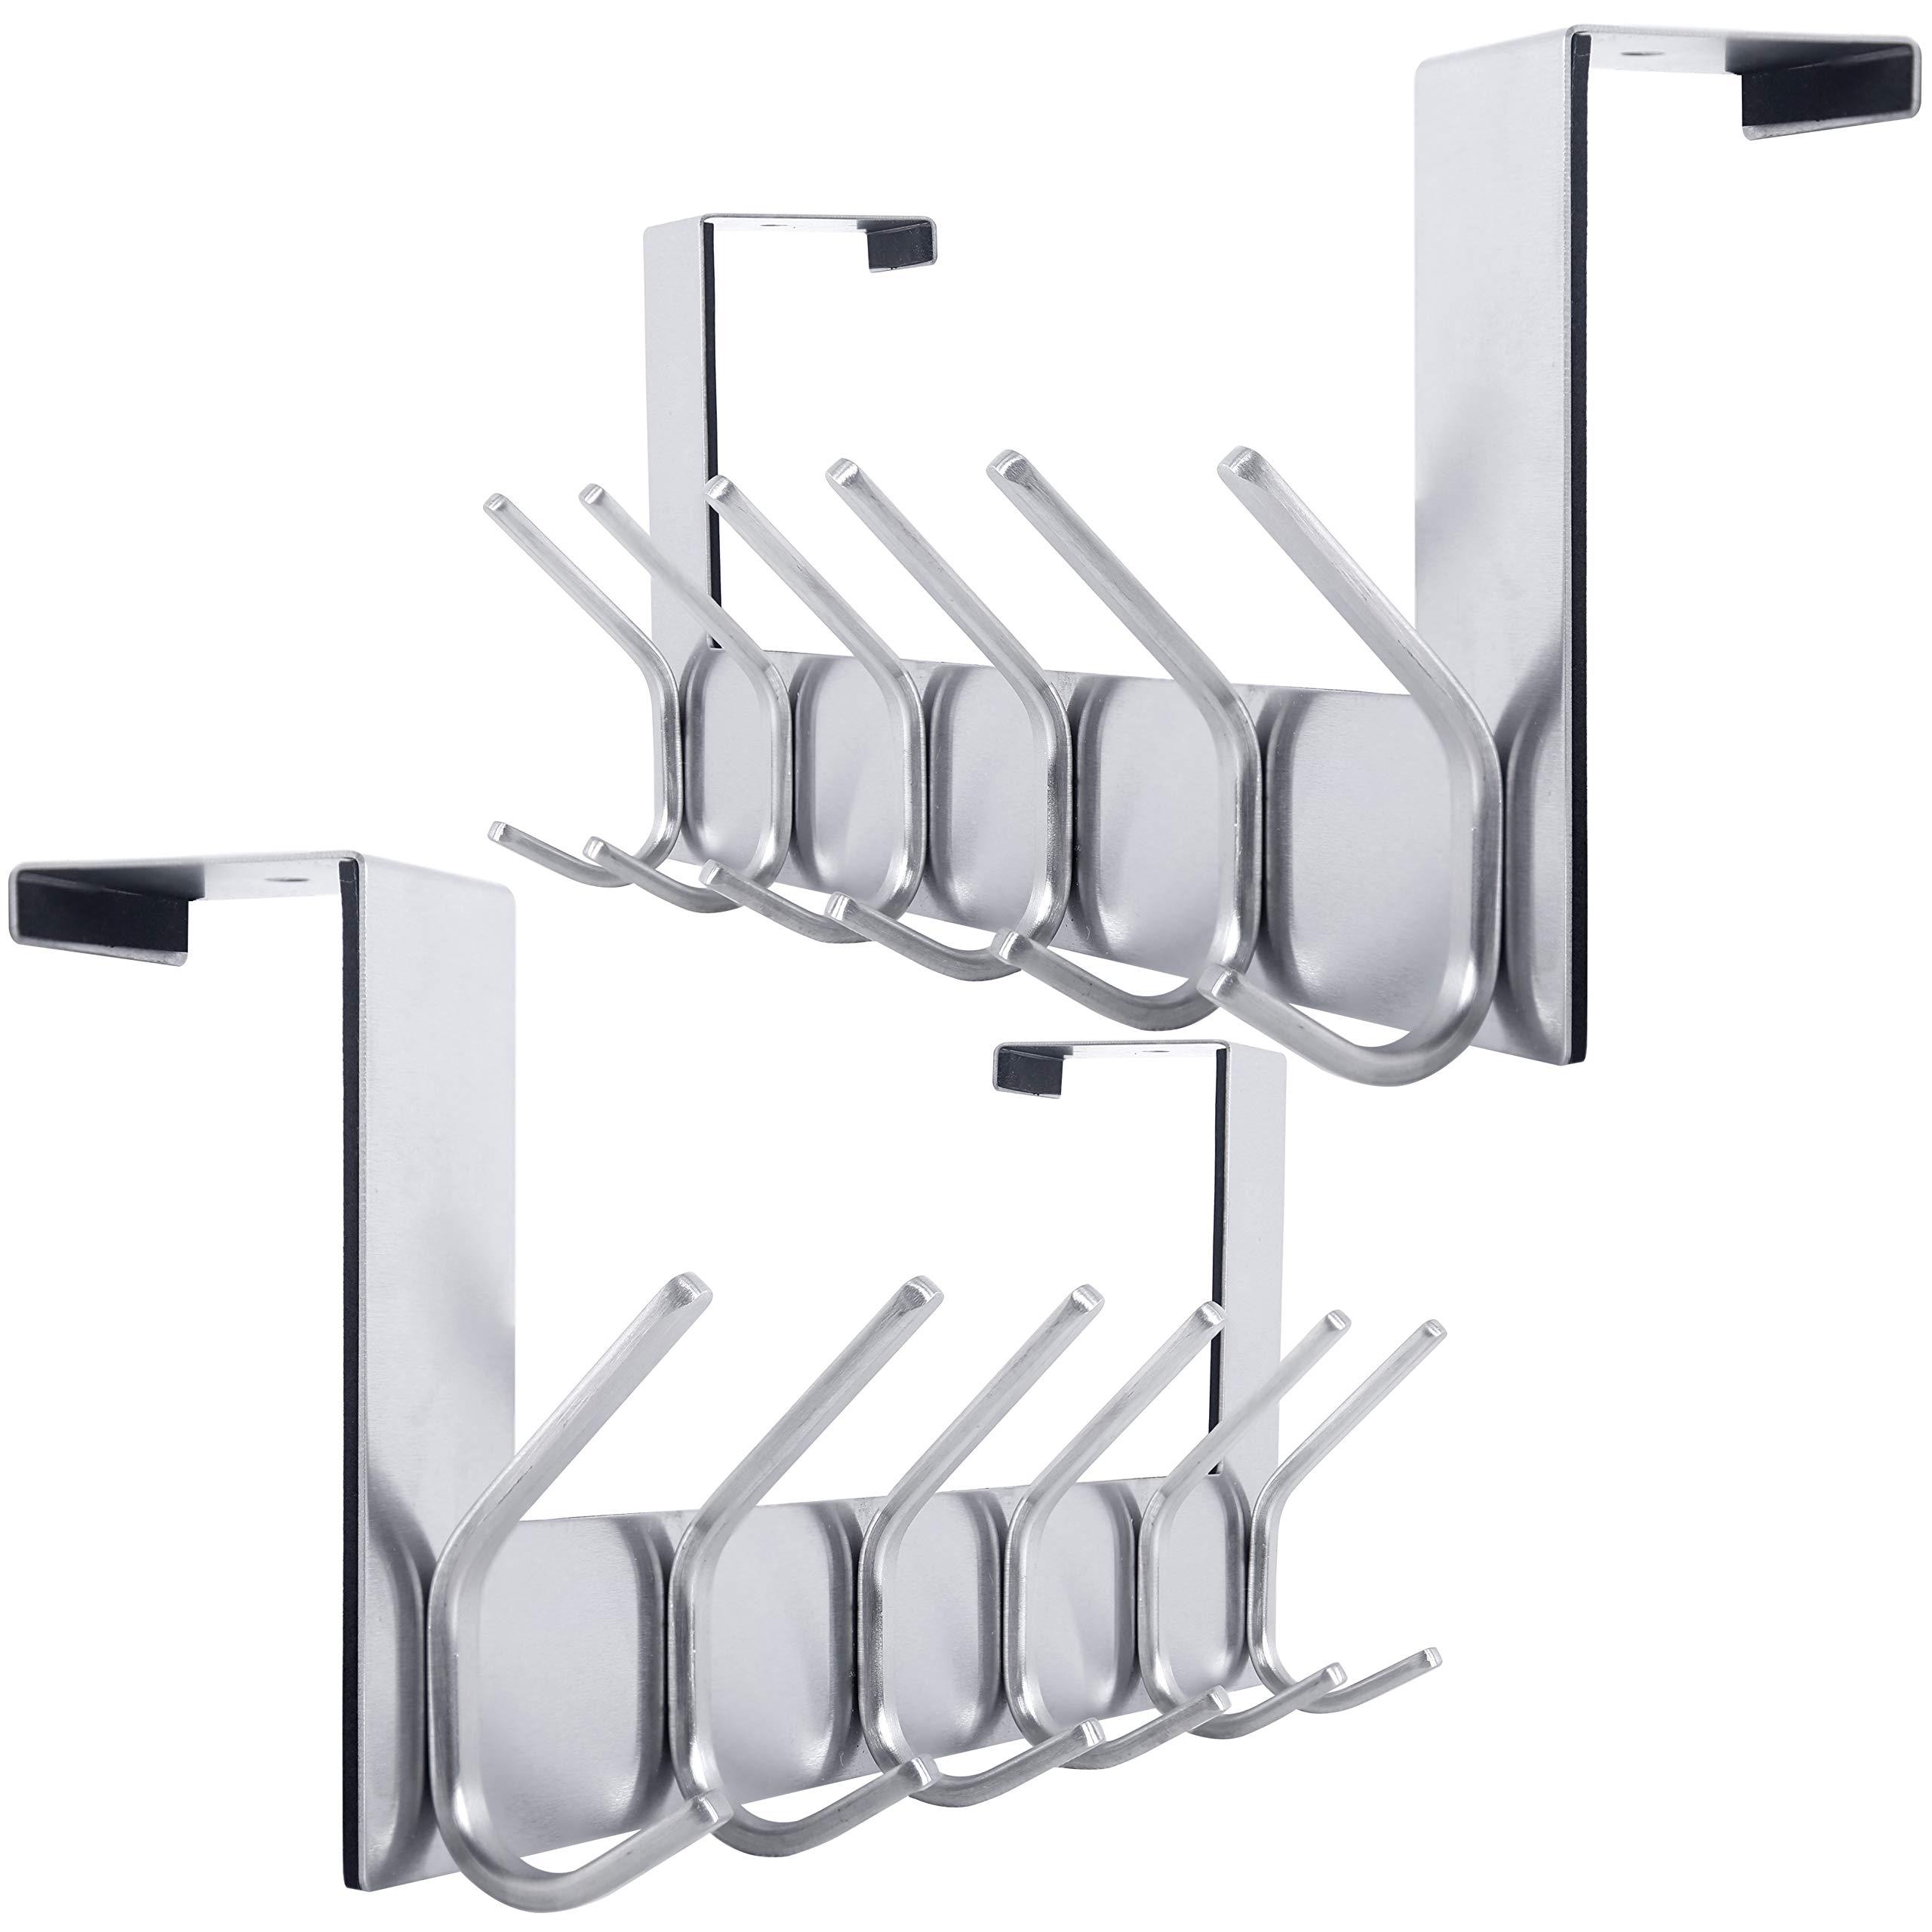 Over The Door Hook Door Hanger:Over The Door Towel Rack with 6 Double Hooks for Hanging Coats,Door Coat Hanger Towel Hanger Over Door Coat Rack for Towels,Clothes,Back of Bathroom,Silver,2 Packs